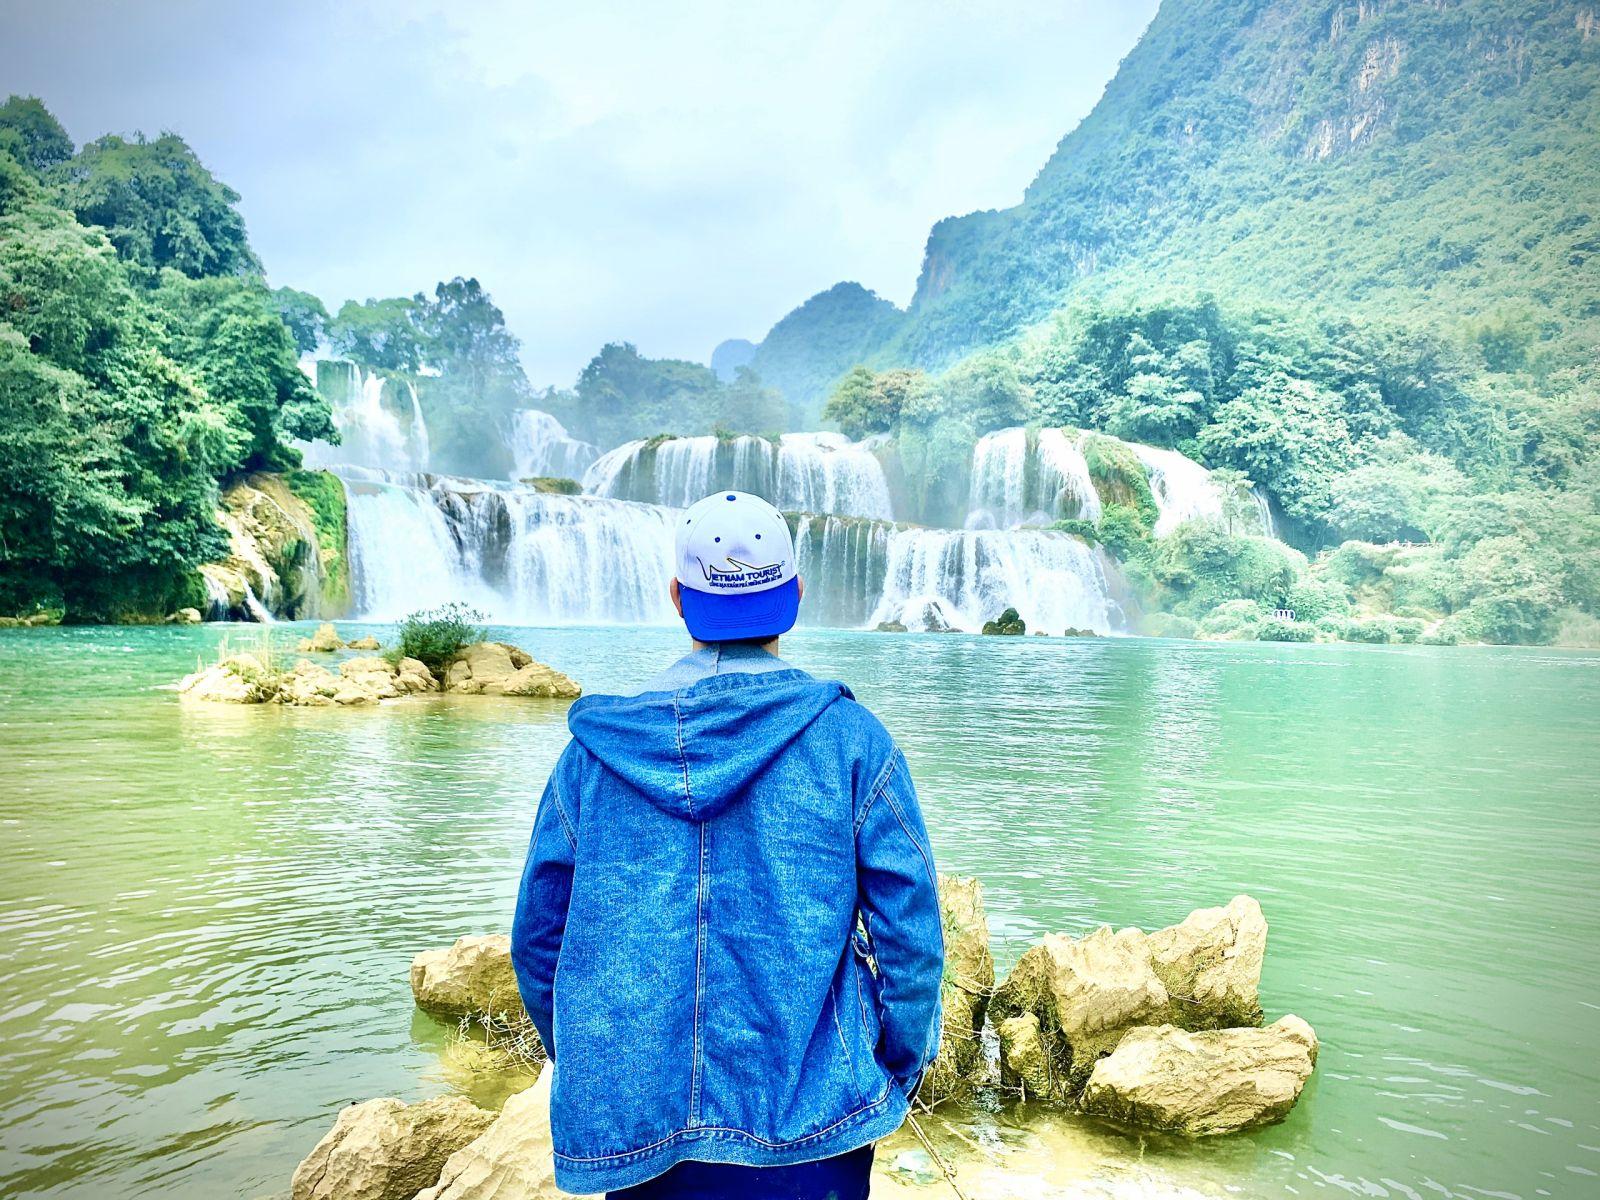 CÔNG TY TNHH TM VÀ DV DU LỊCH VIETNAM TOURIST